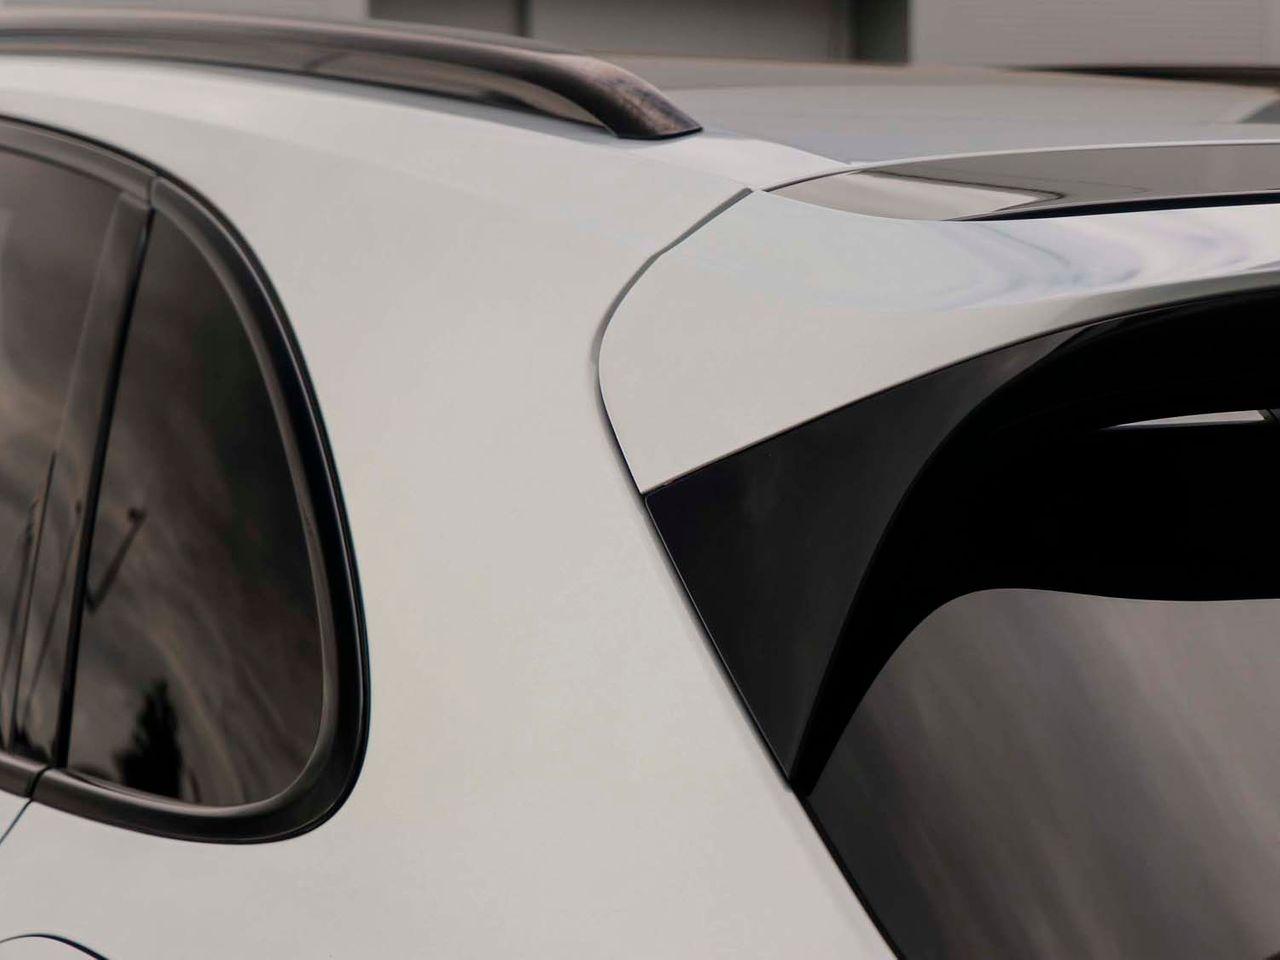 Cayenne V6 (9) image 24